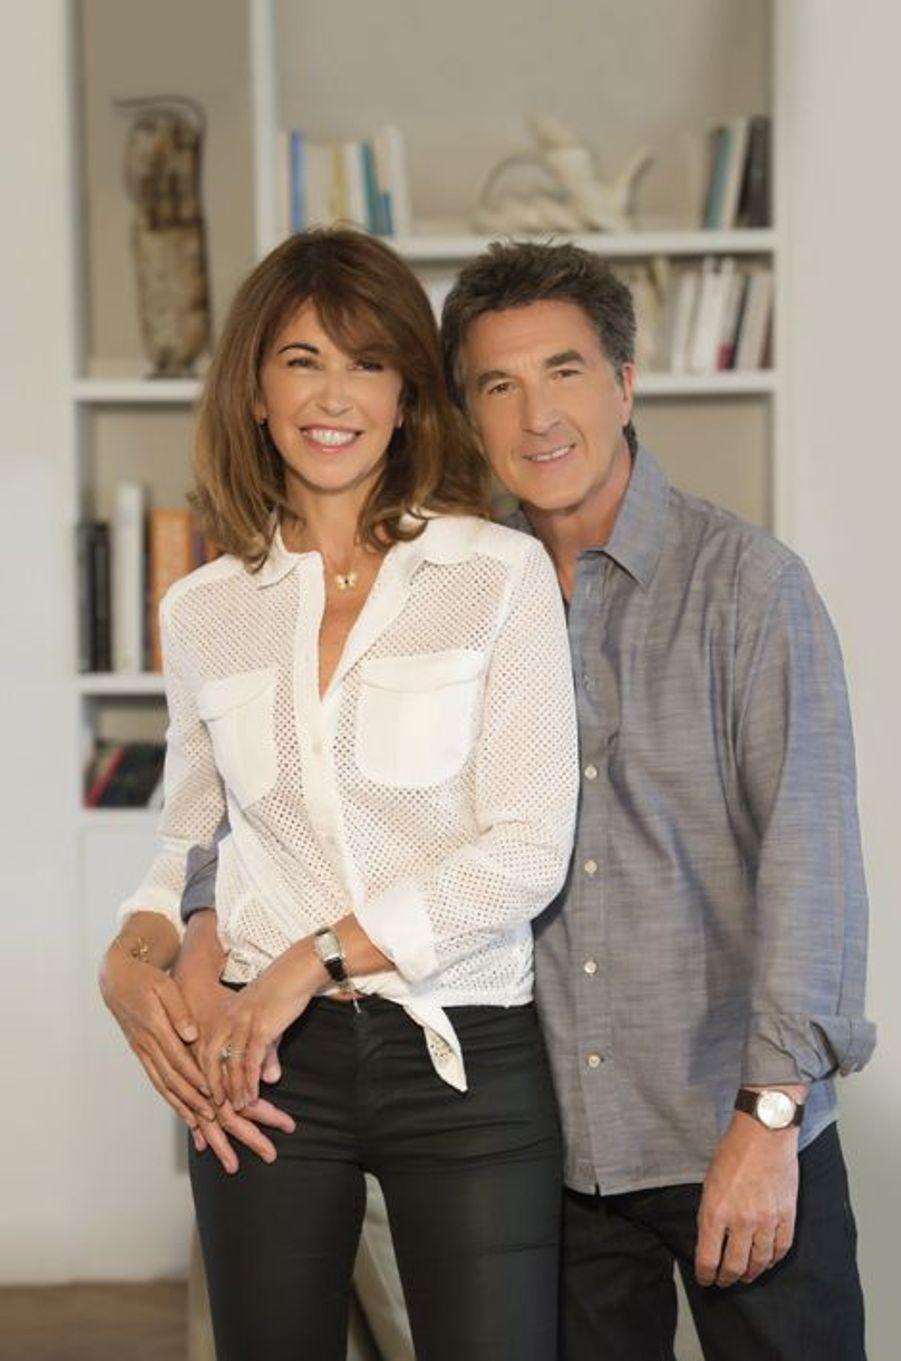 En juin 2015 pour Paris Match : François Cluzet et son épouse Narjiss prennent la pose dans leur appartement parisien.